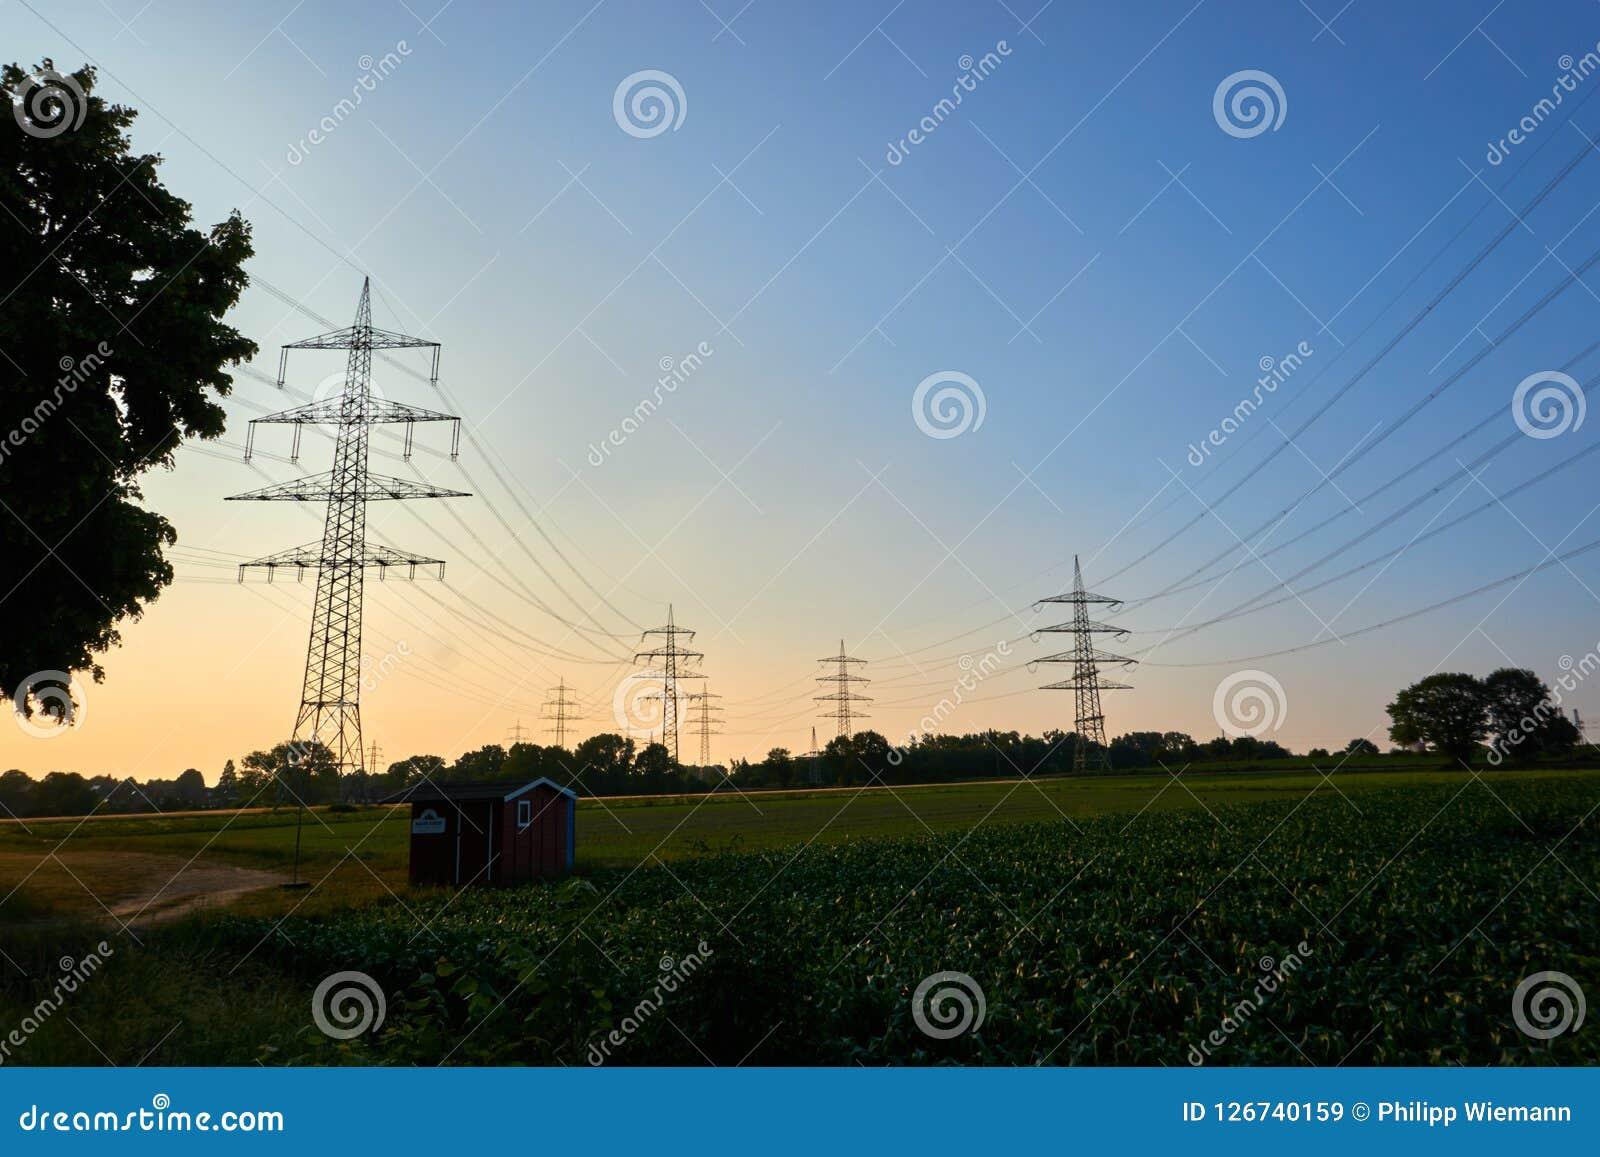 Machtspolen in een zonsondergang